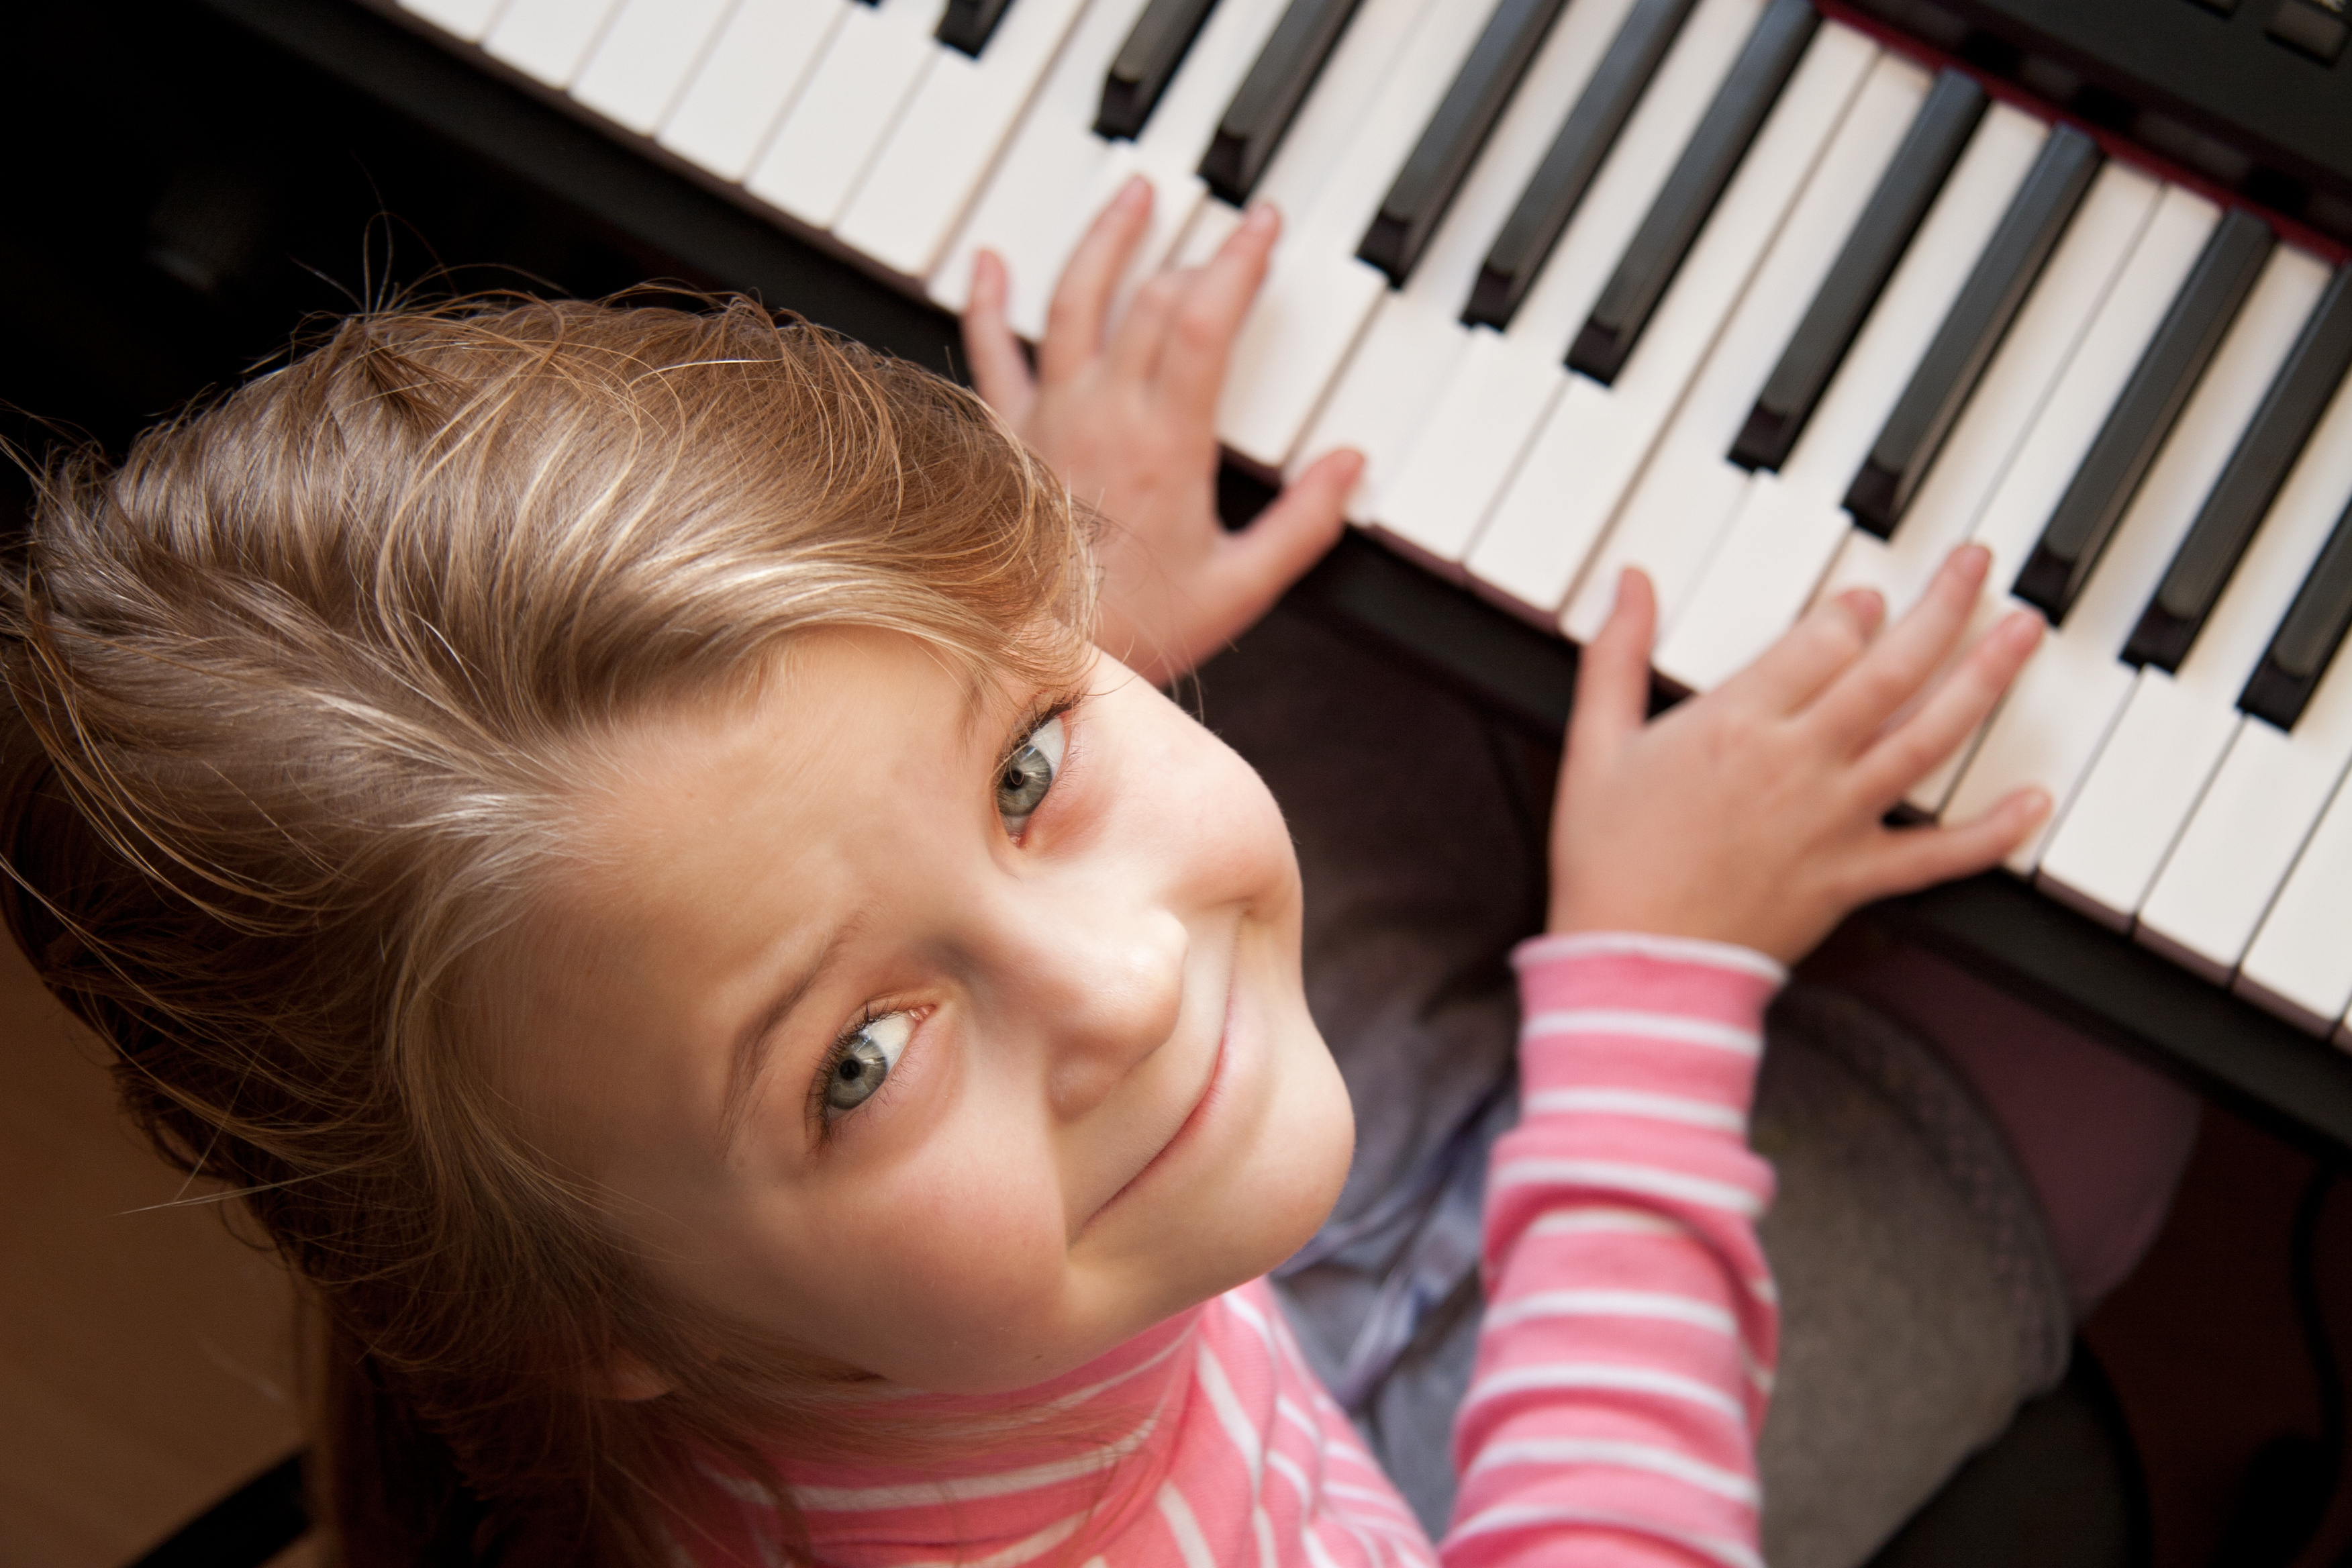 Imparare a riconoscere le note e ad affinare le capacità uditive è fondamentale per qualsiasi musicista